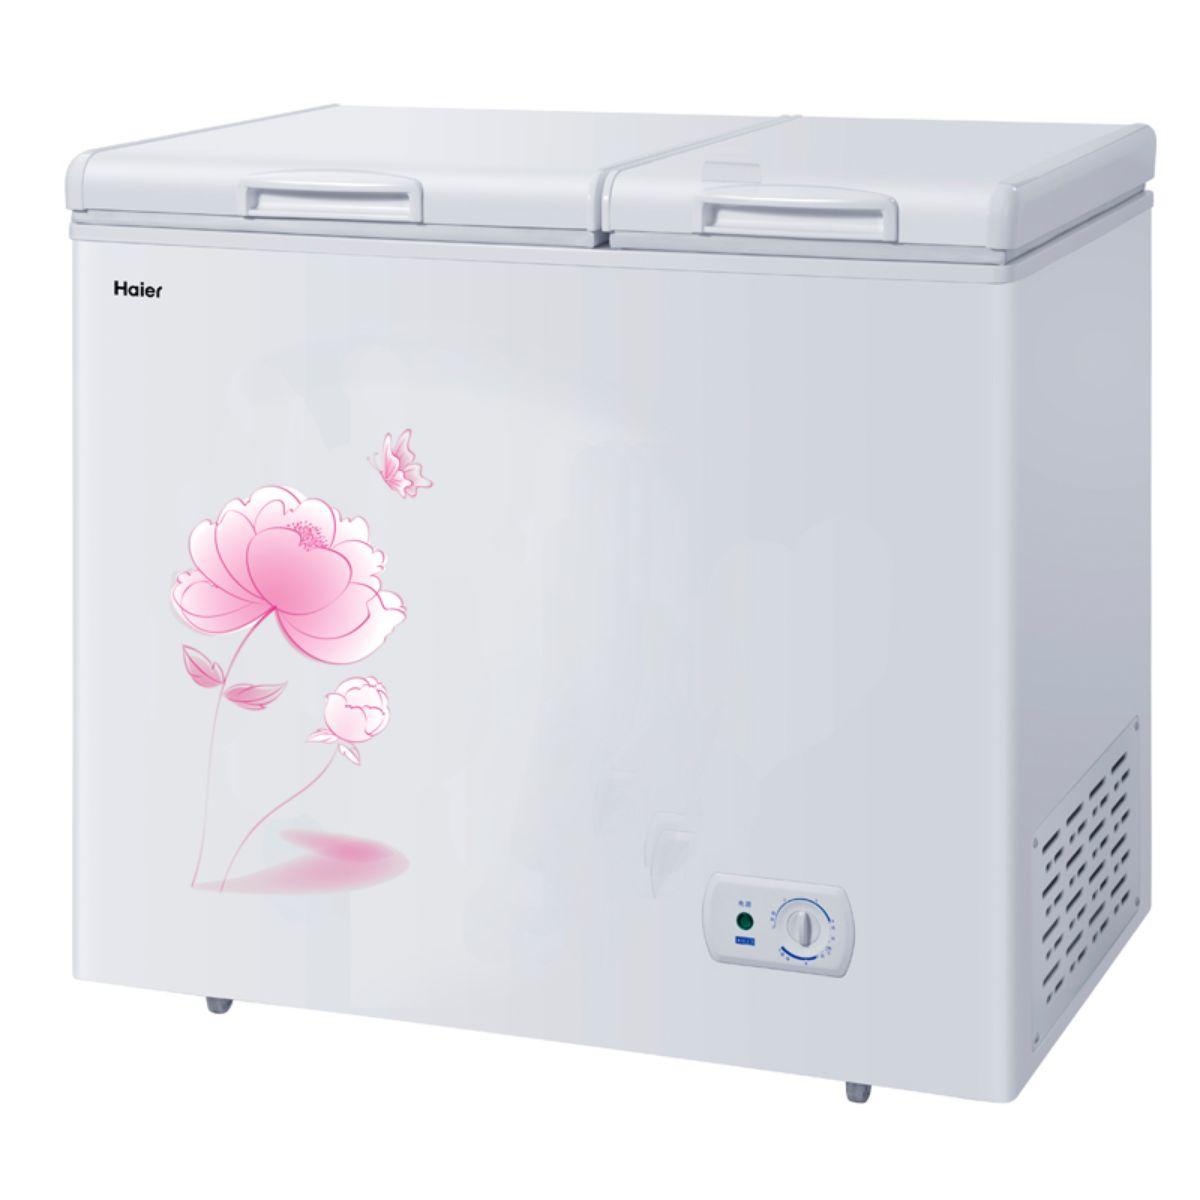 二手冰柜回收